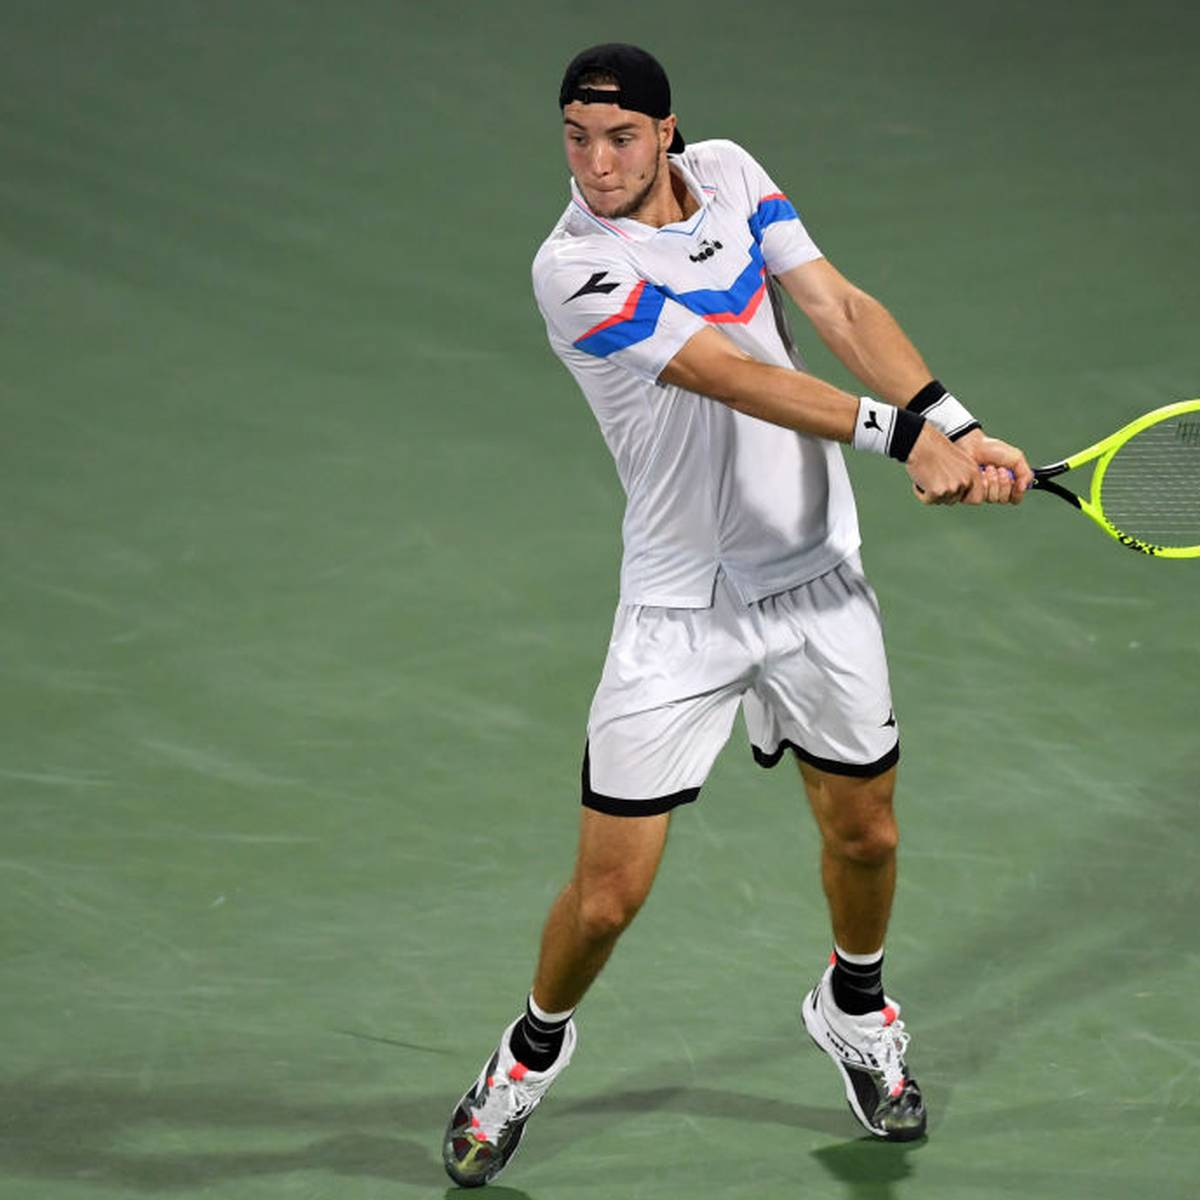 Tennis Im Fernsehen Heute